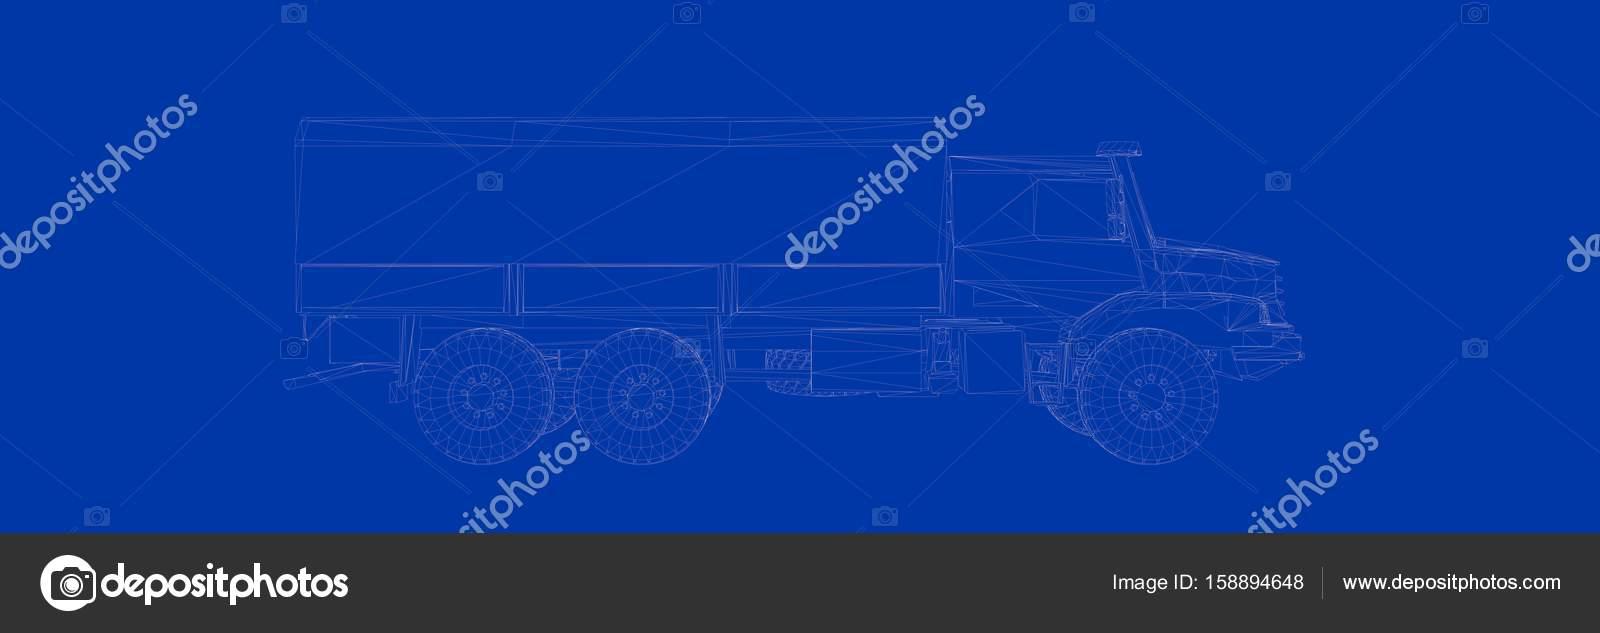 3D-Rendering eines LKW auf einem blauen Hintergrund Blaupause ...